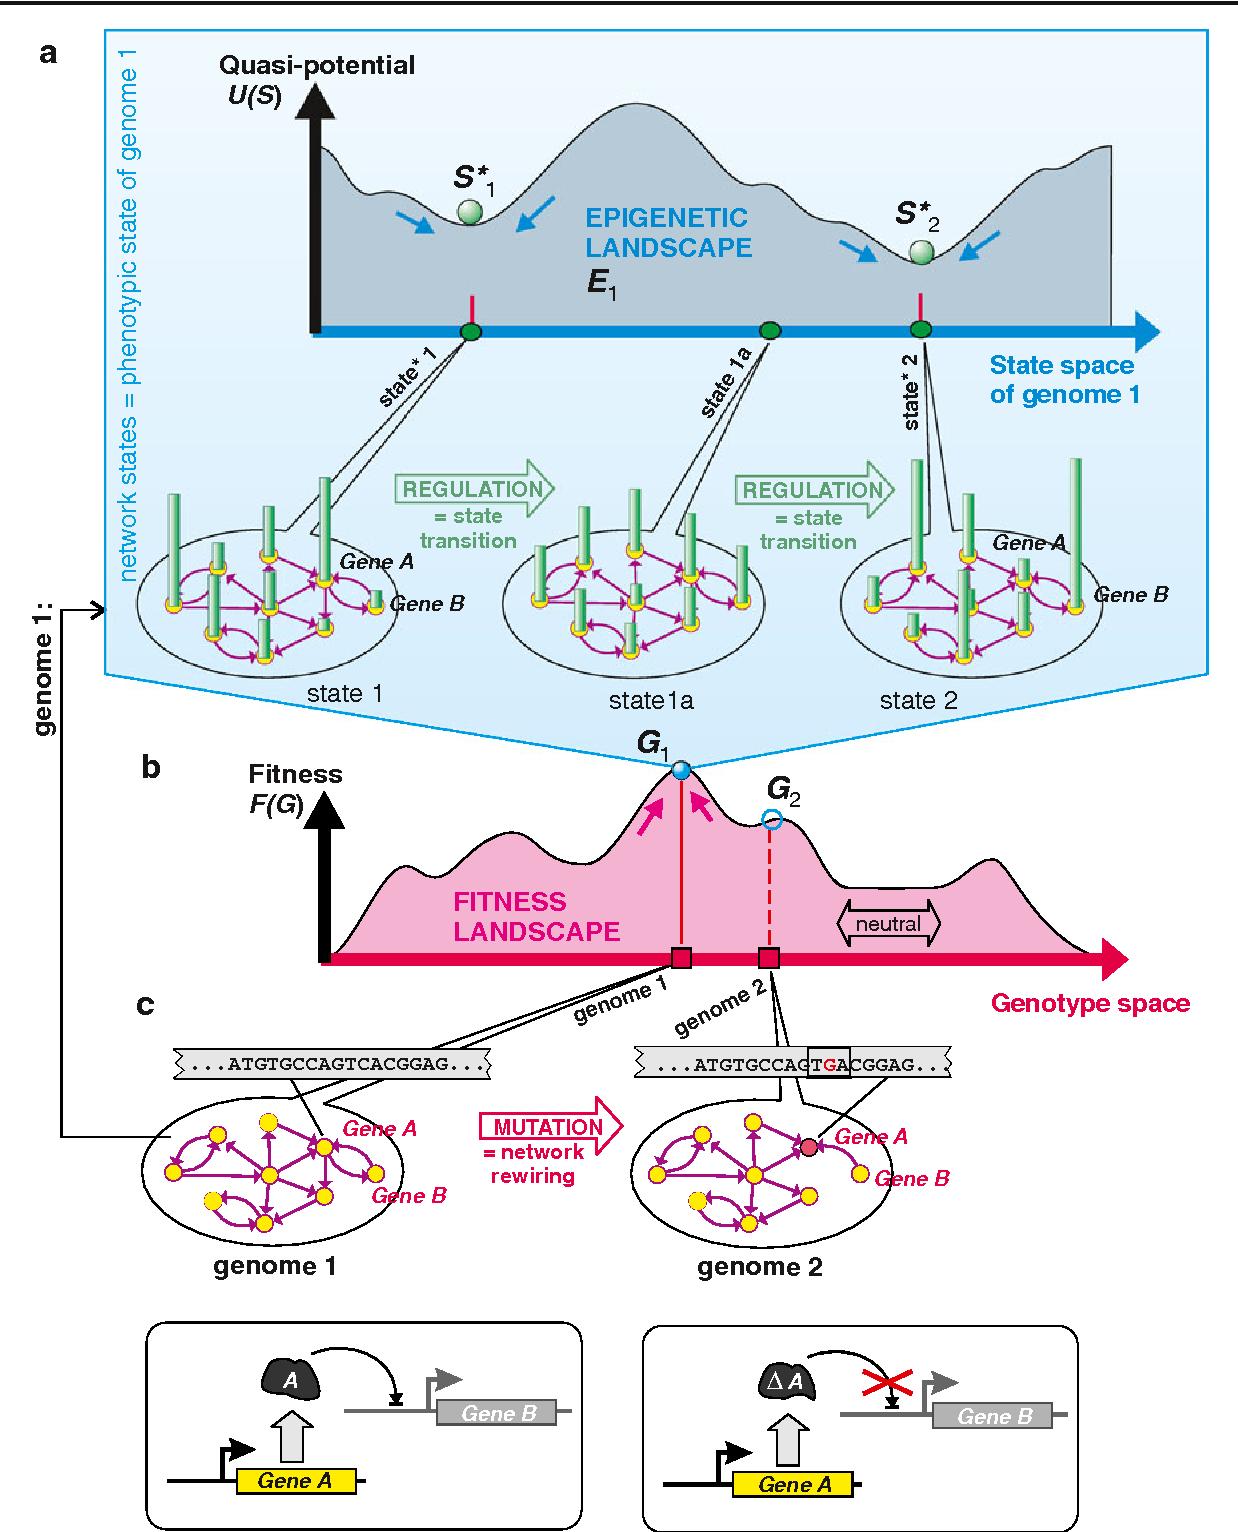 genetic cancer landscape)